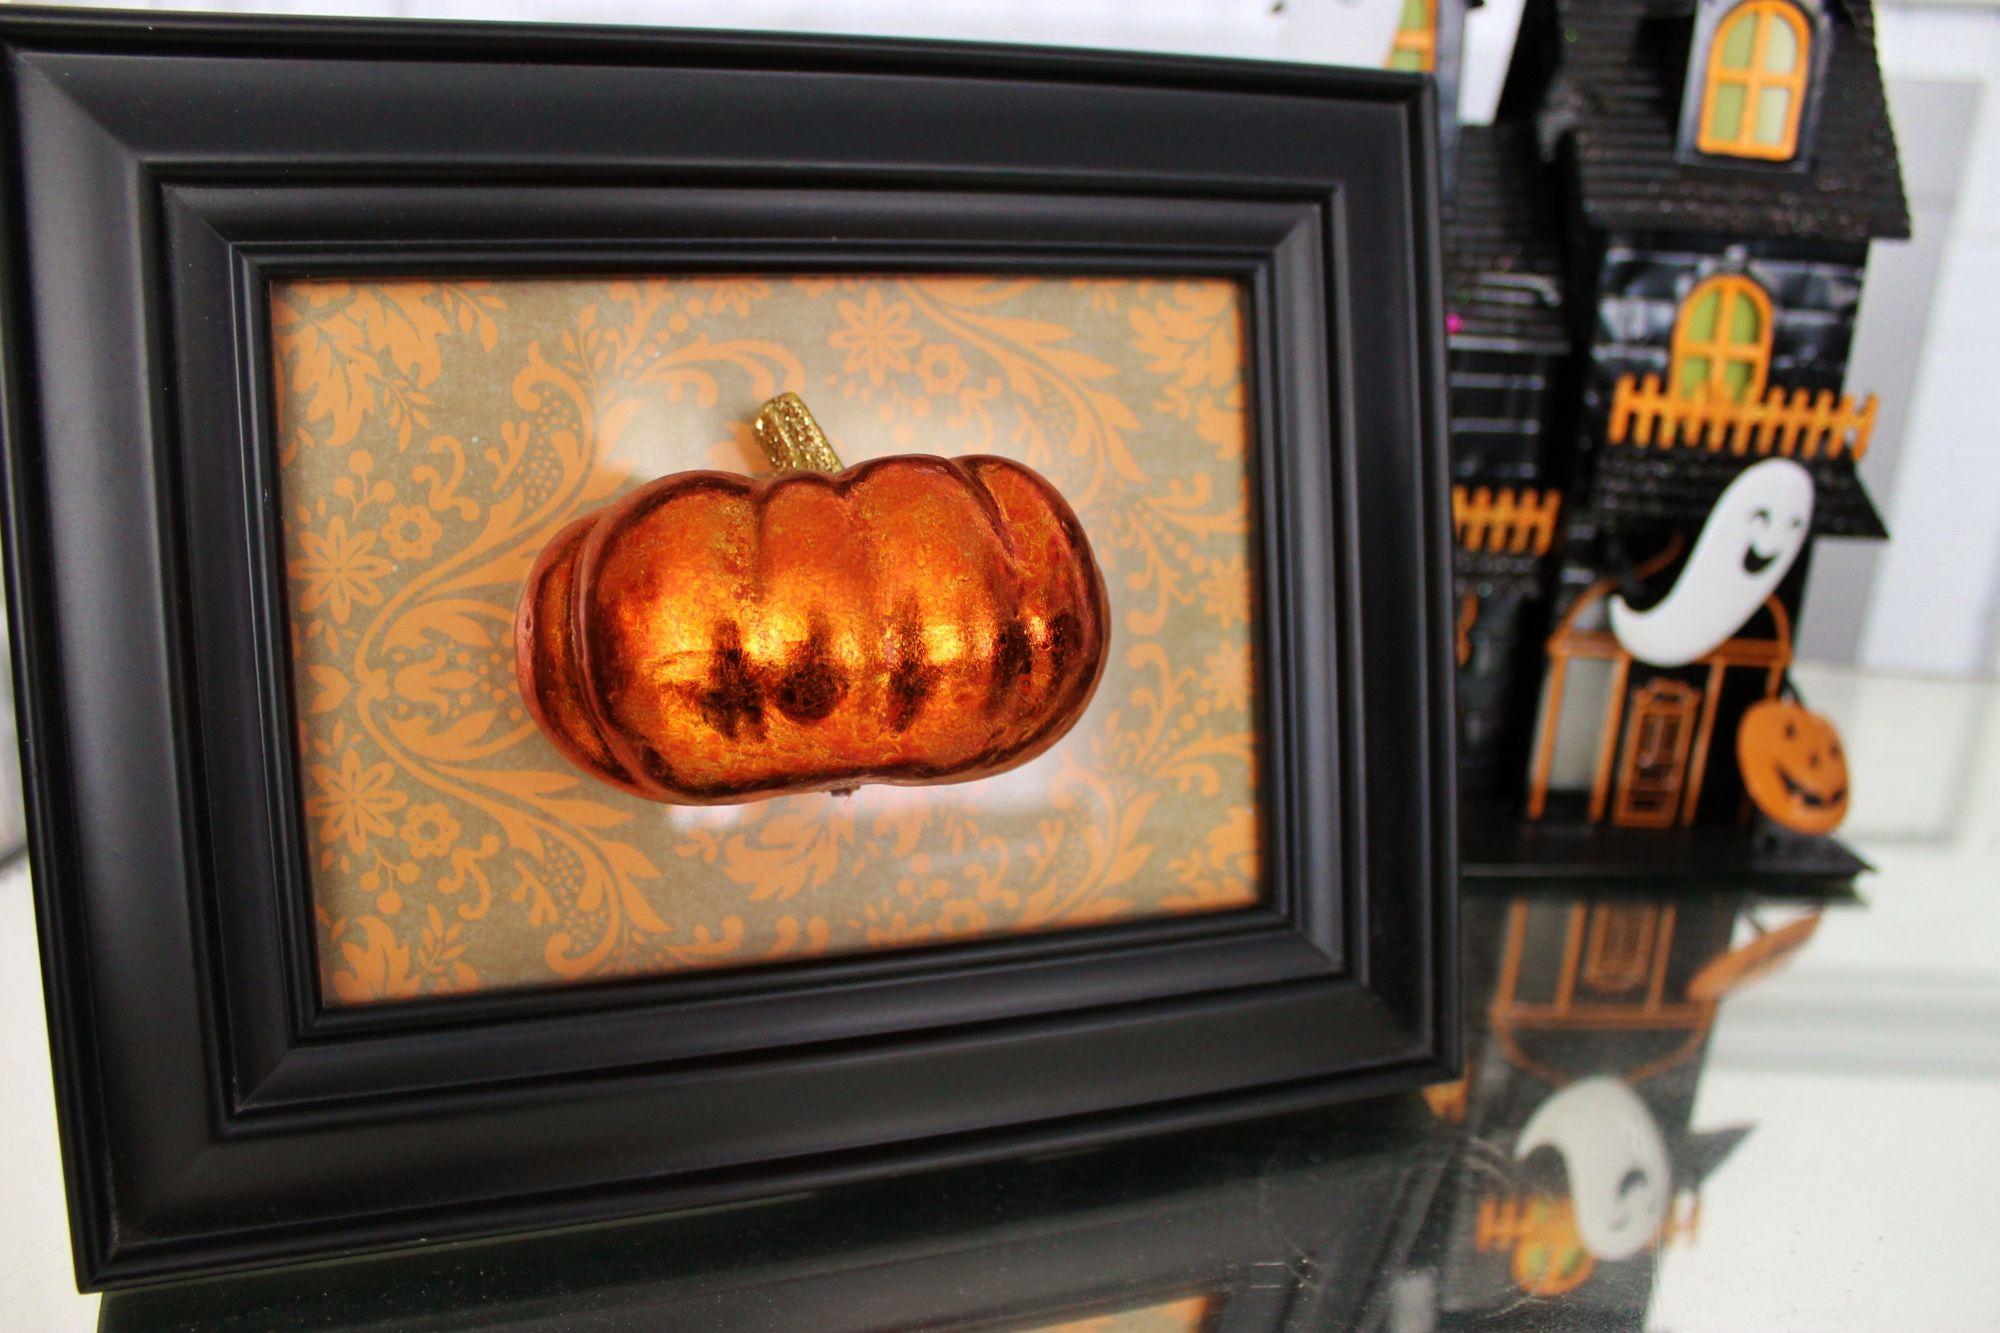 DIY framed pumpkin art